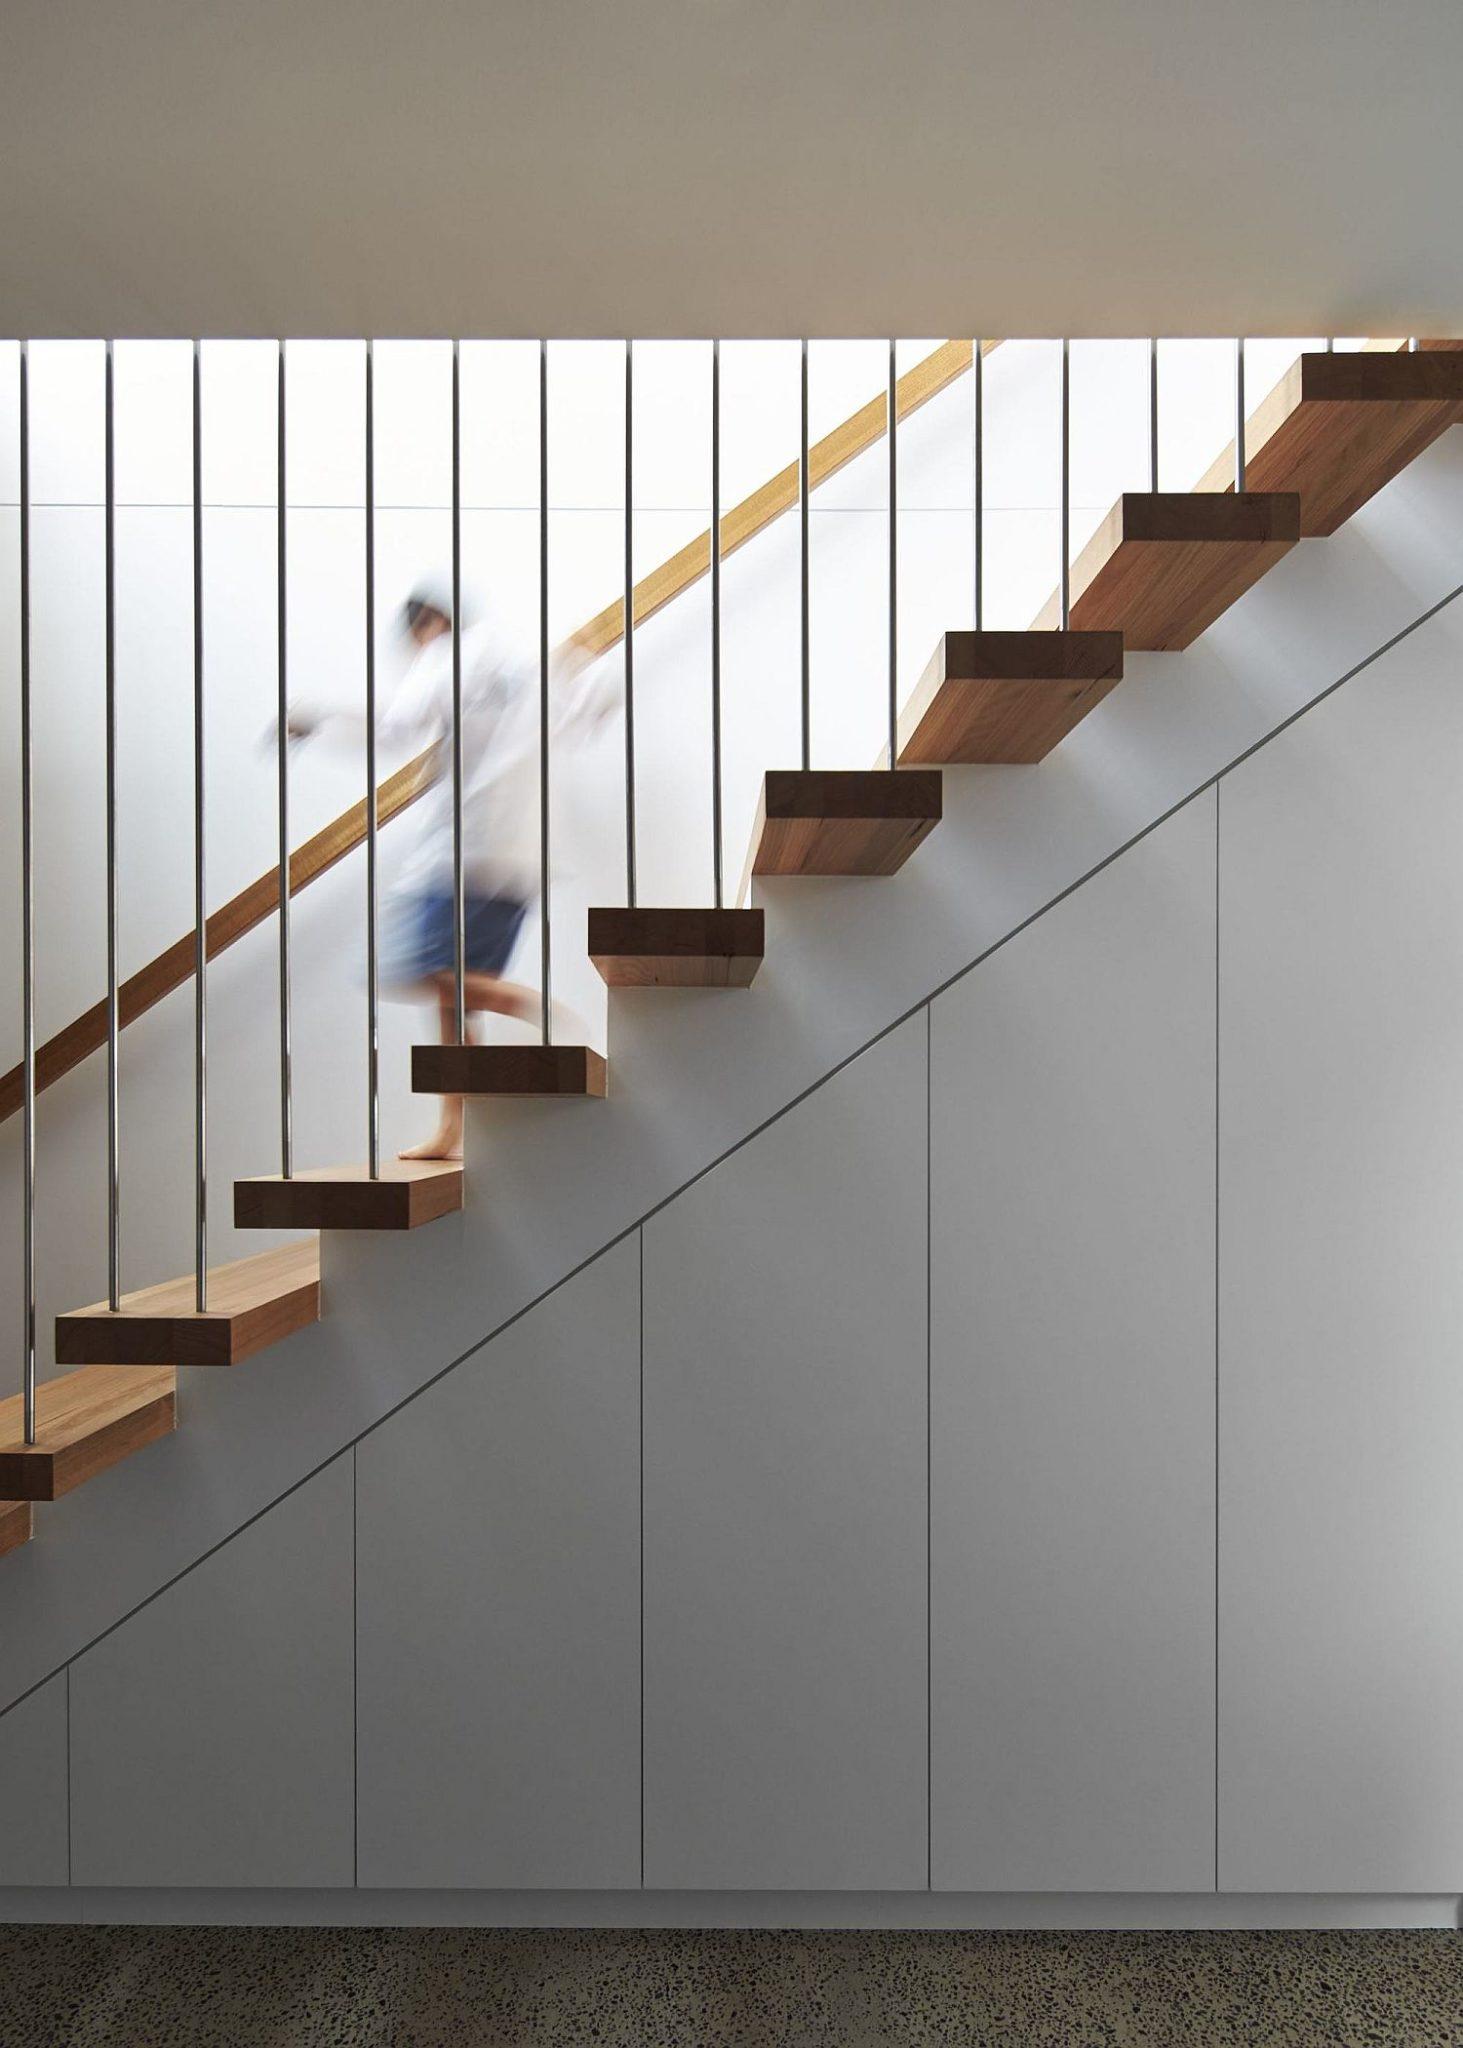 Slim-floating-stairway-leading-to-the-top-floor